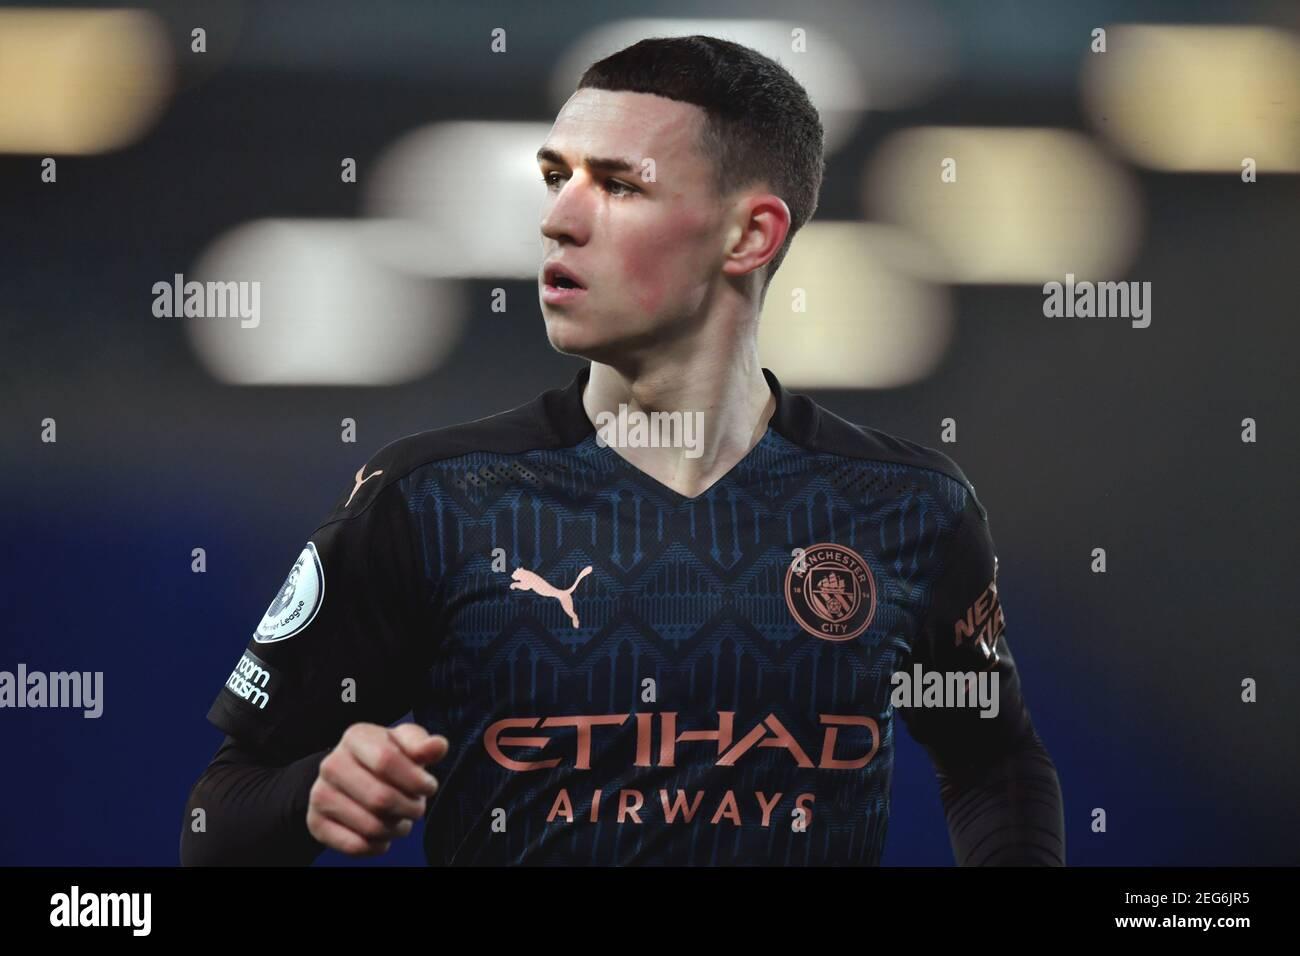 Liverpool, Royaume-Uni, le 17 février 2021. Phil Foden de Manchester City. Crédit : Anthony Devlin/Alay Live News Banque D'Images